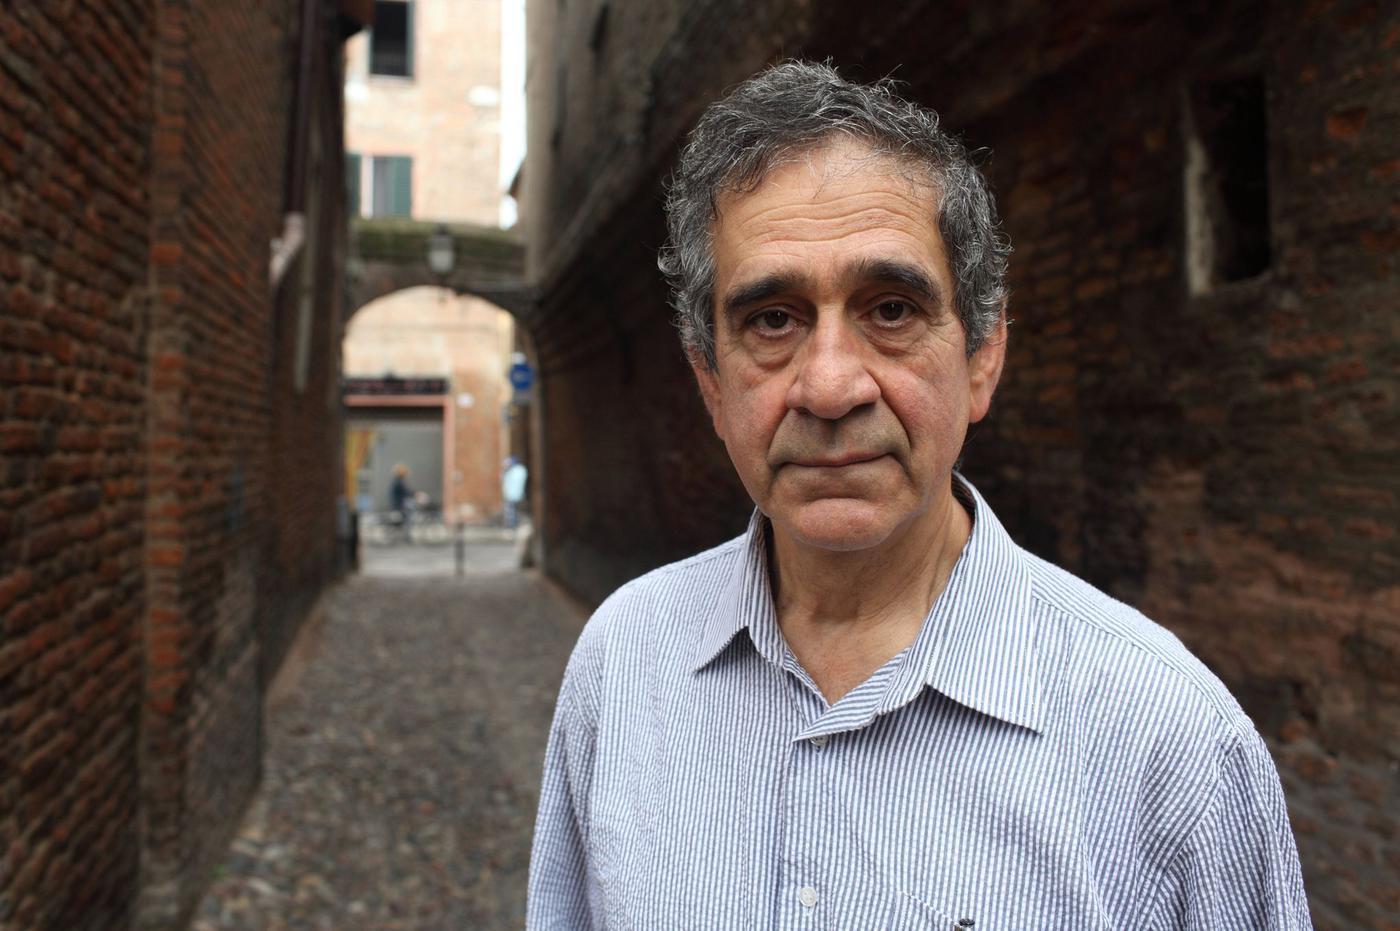 Фарад Хосрохавар, социолог